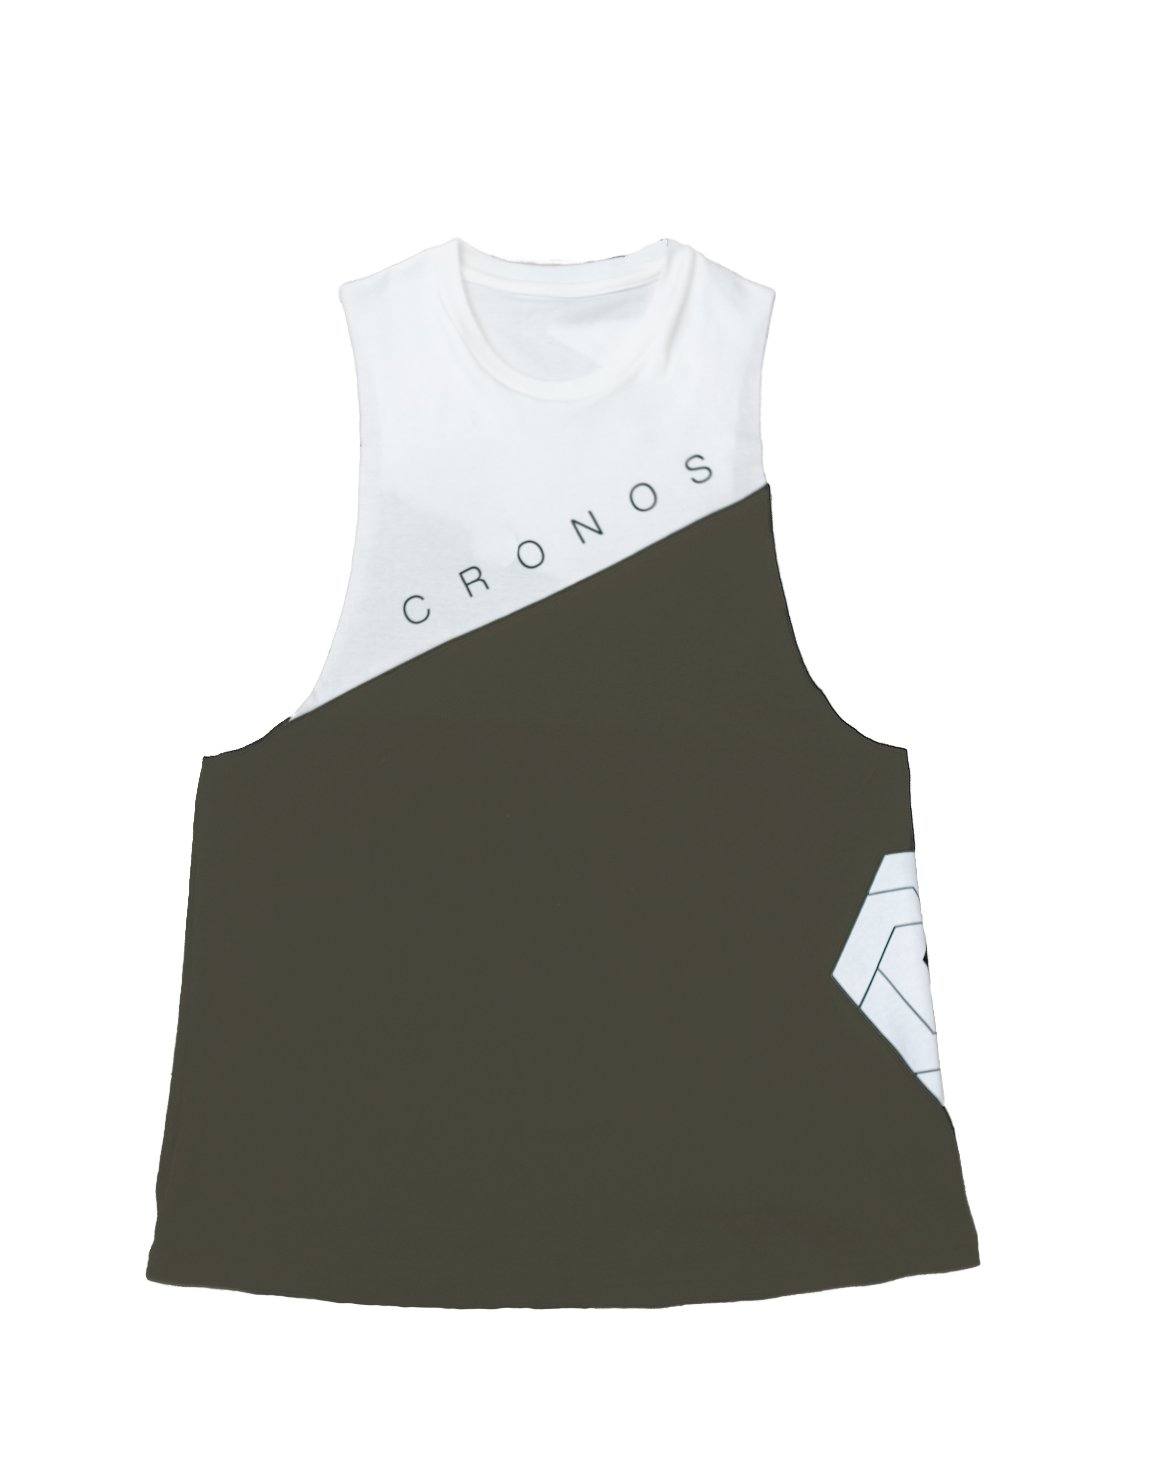 CRONOS NEW Bi-COLOR TANK TOP【KHAKI×WHITE】